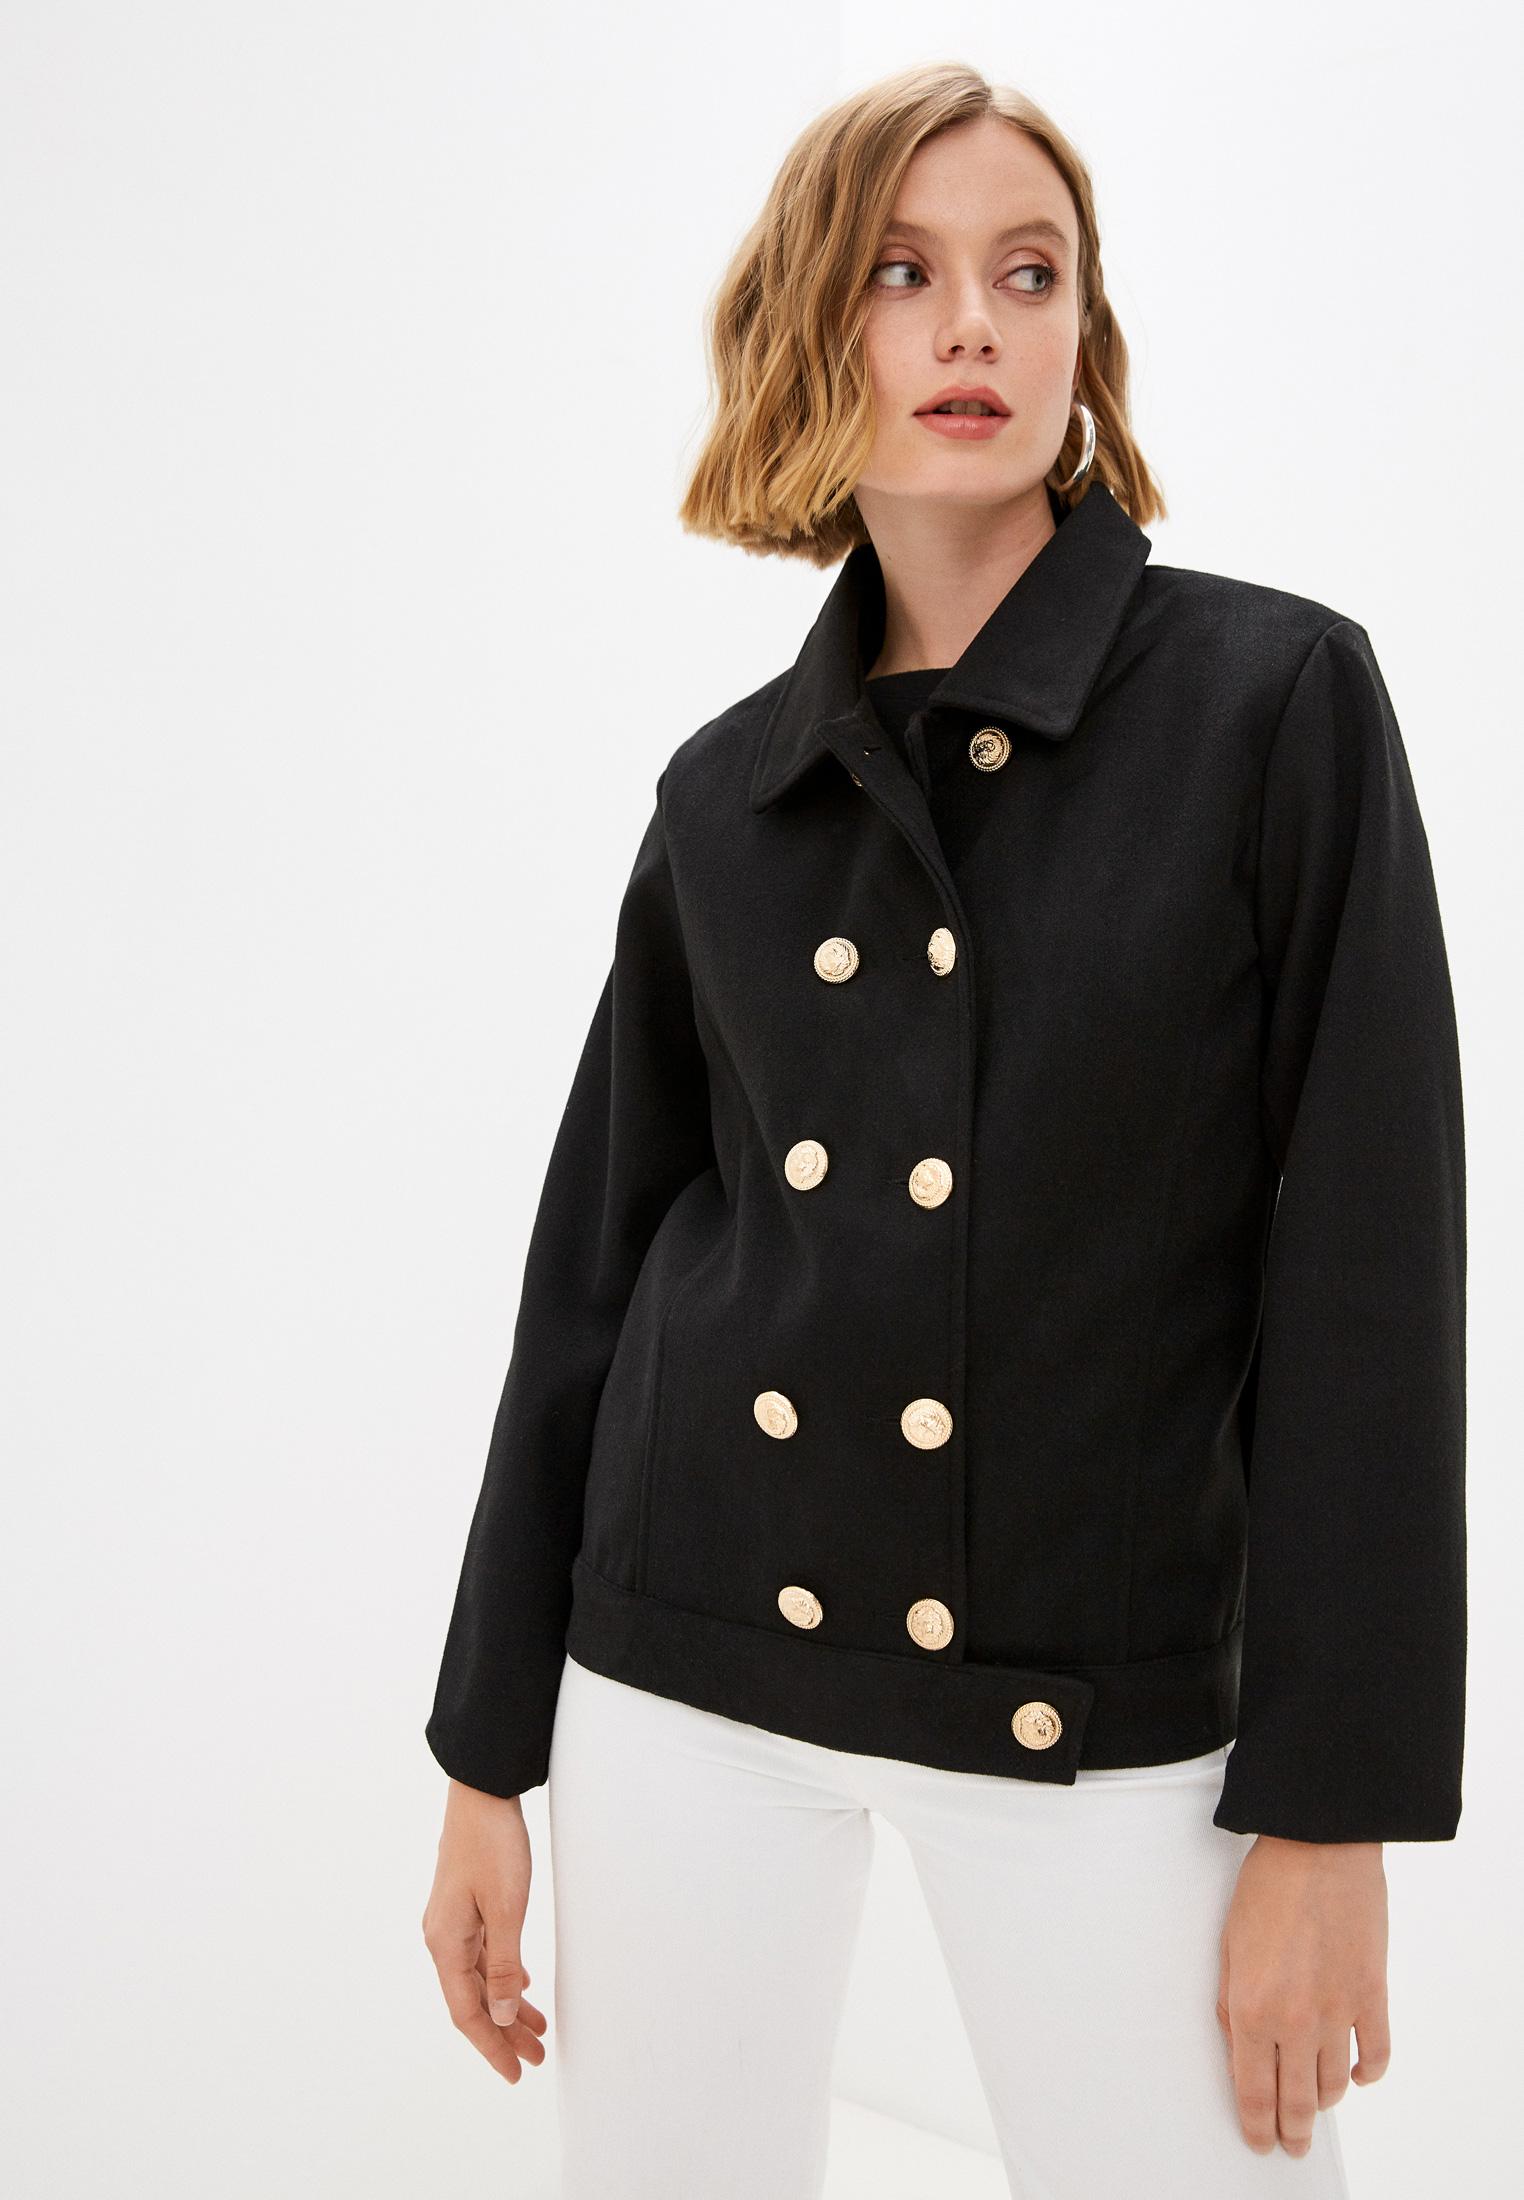 Женские пальто Diverius Полупальто Diverius